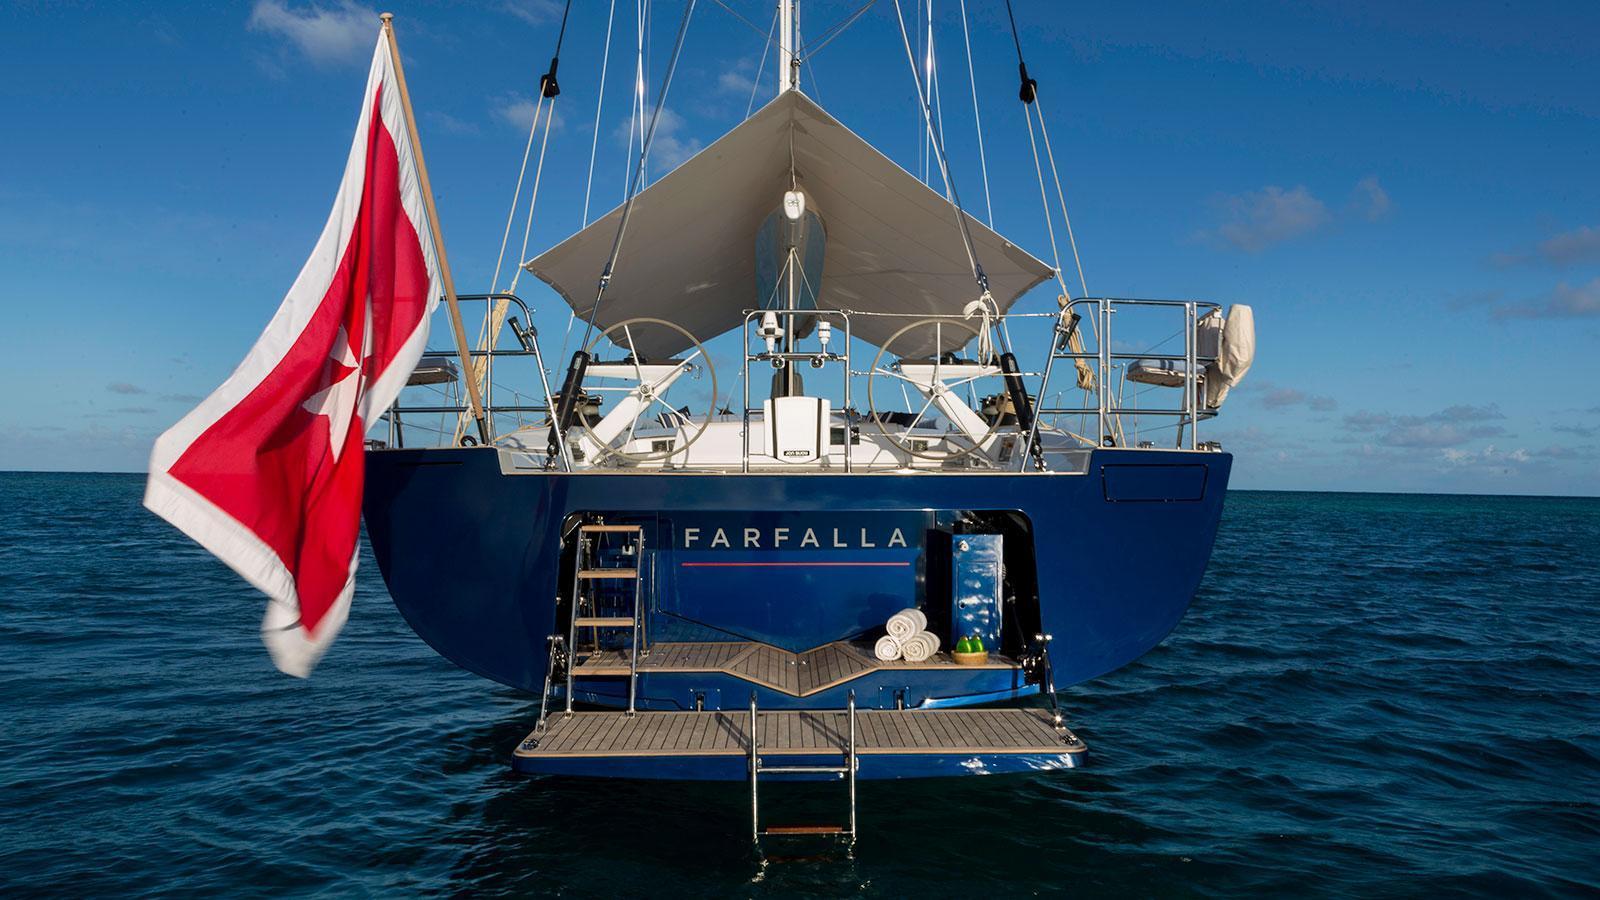 farfalla-sailing-yacht-southern-wind-2014-32m-stern-tender-garage